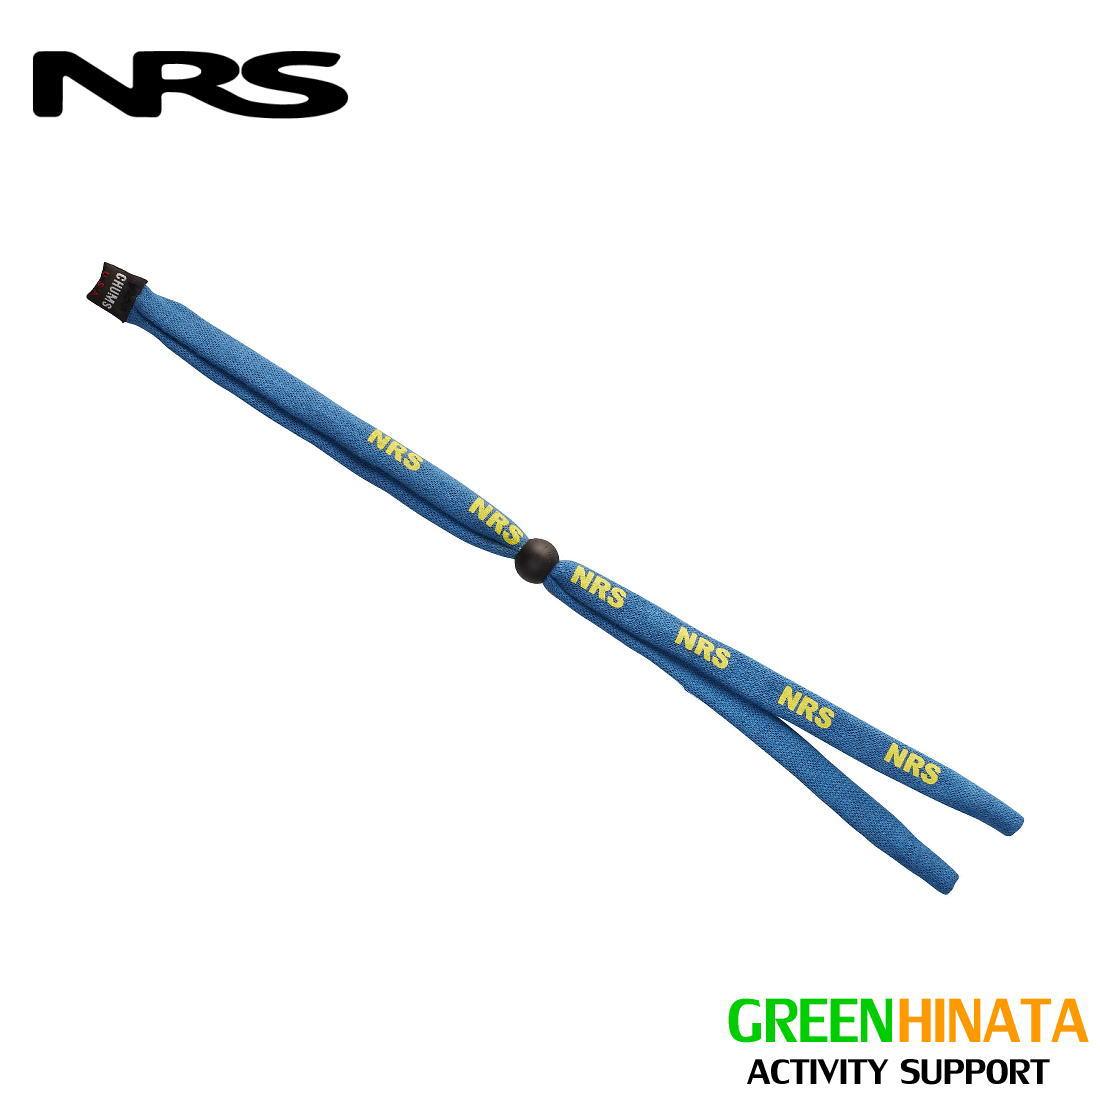 サングラス用 NRS 自社在庫品 エヌアールエス サングラス リテイナー Chums 超定番 Retainer Sunglasses 付与 メガネバンド